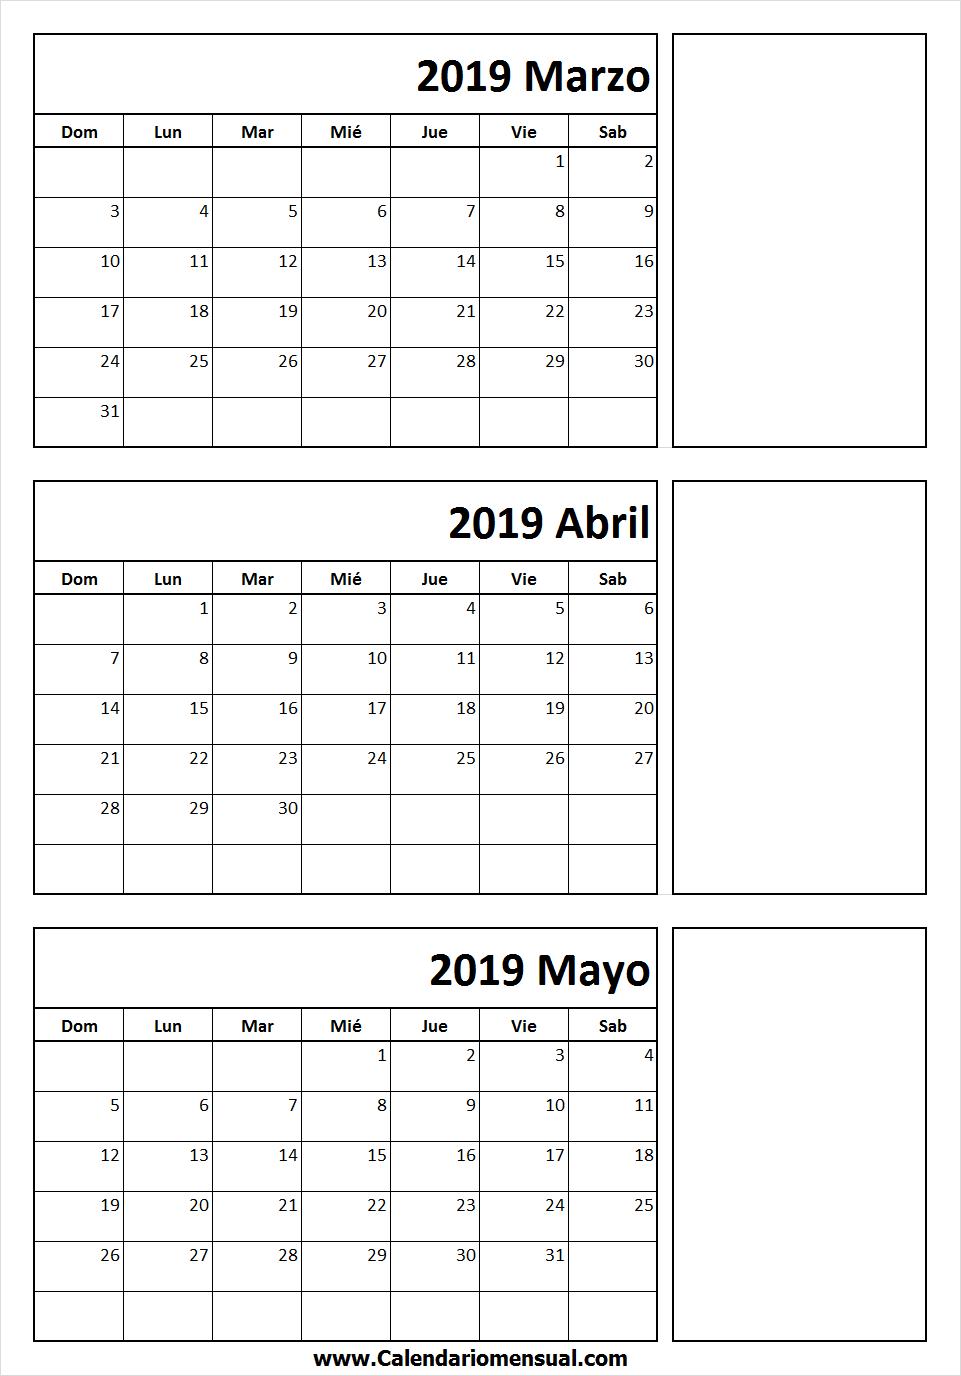 Calendario Abril Y Mayo 2019.Calendario De Marzo Abril Mayo 2019 March 2019 Calendar Online